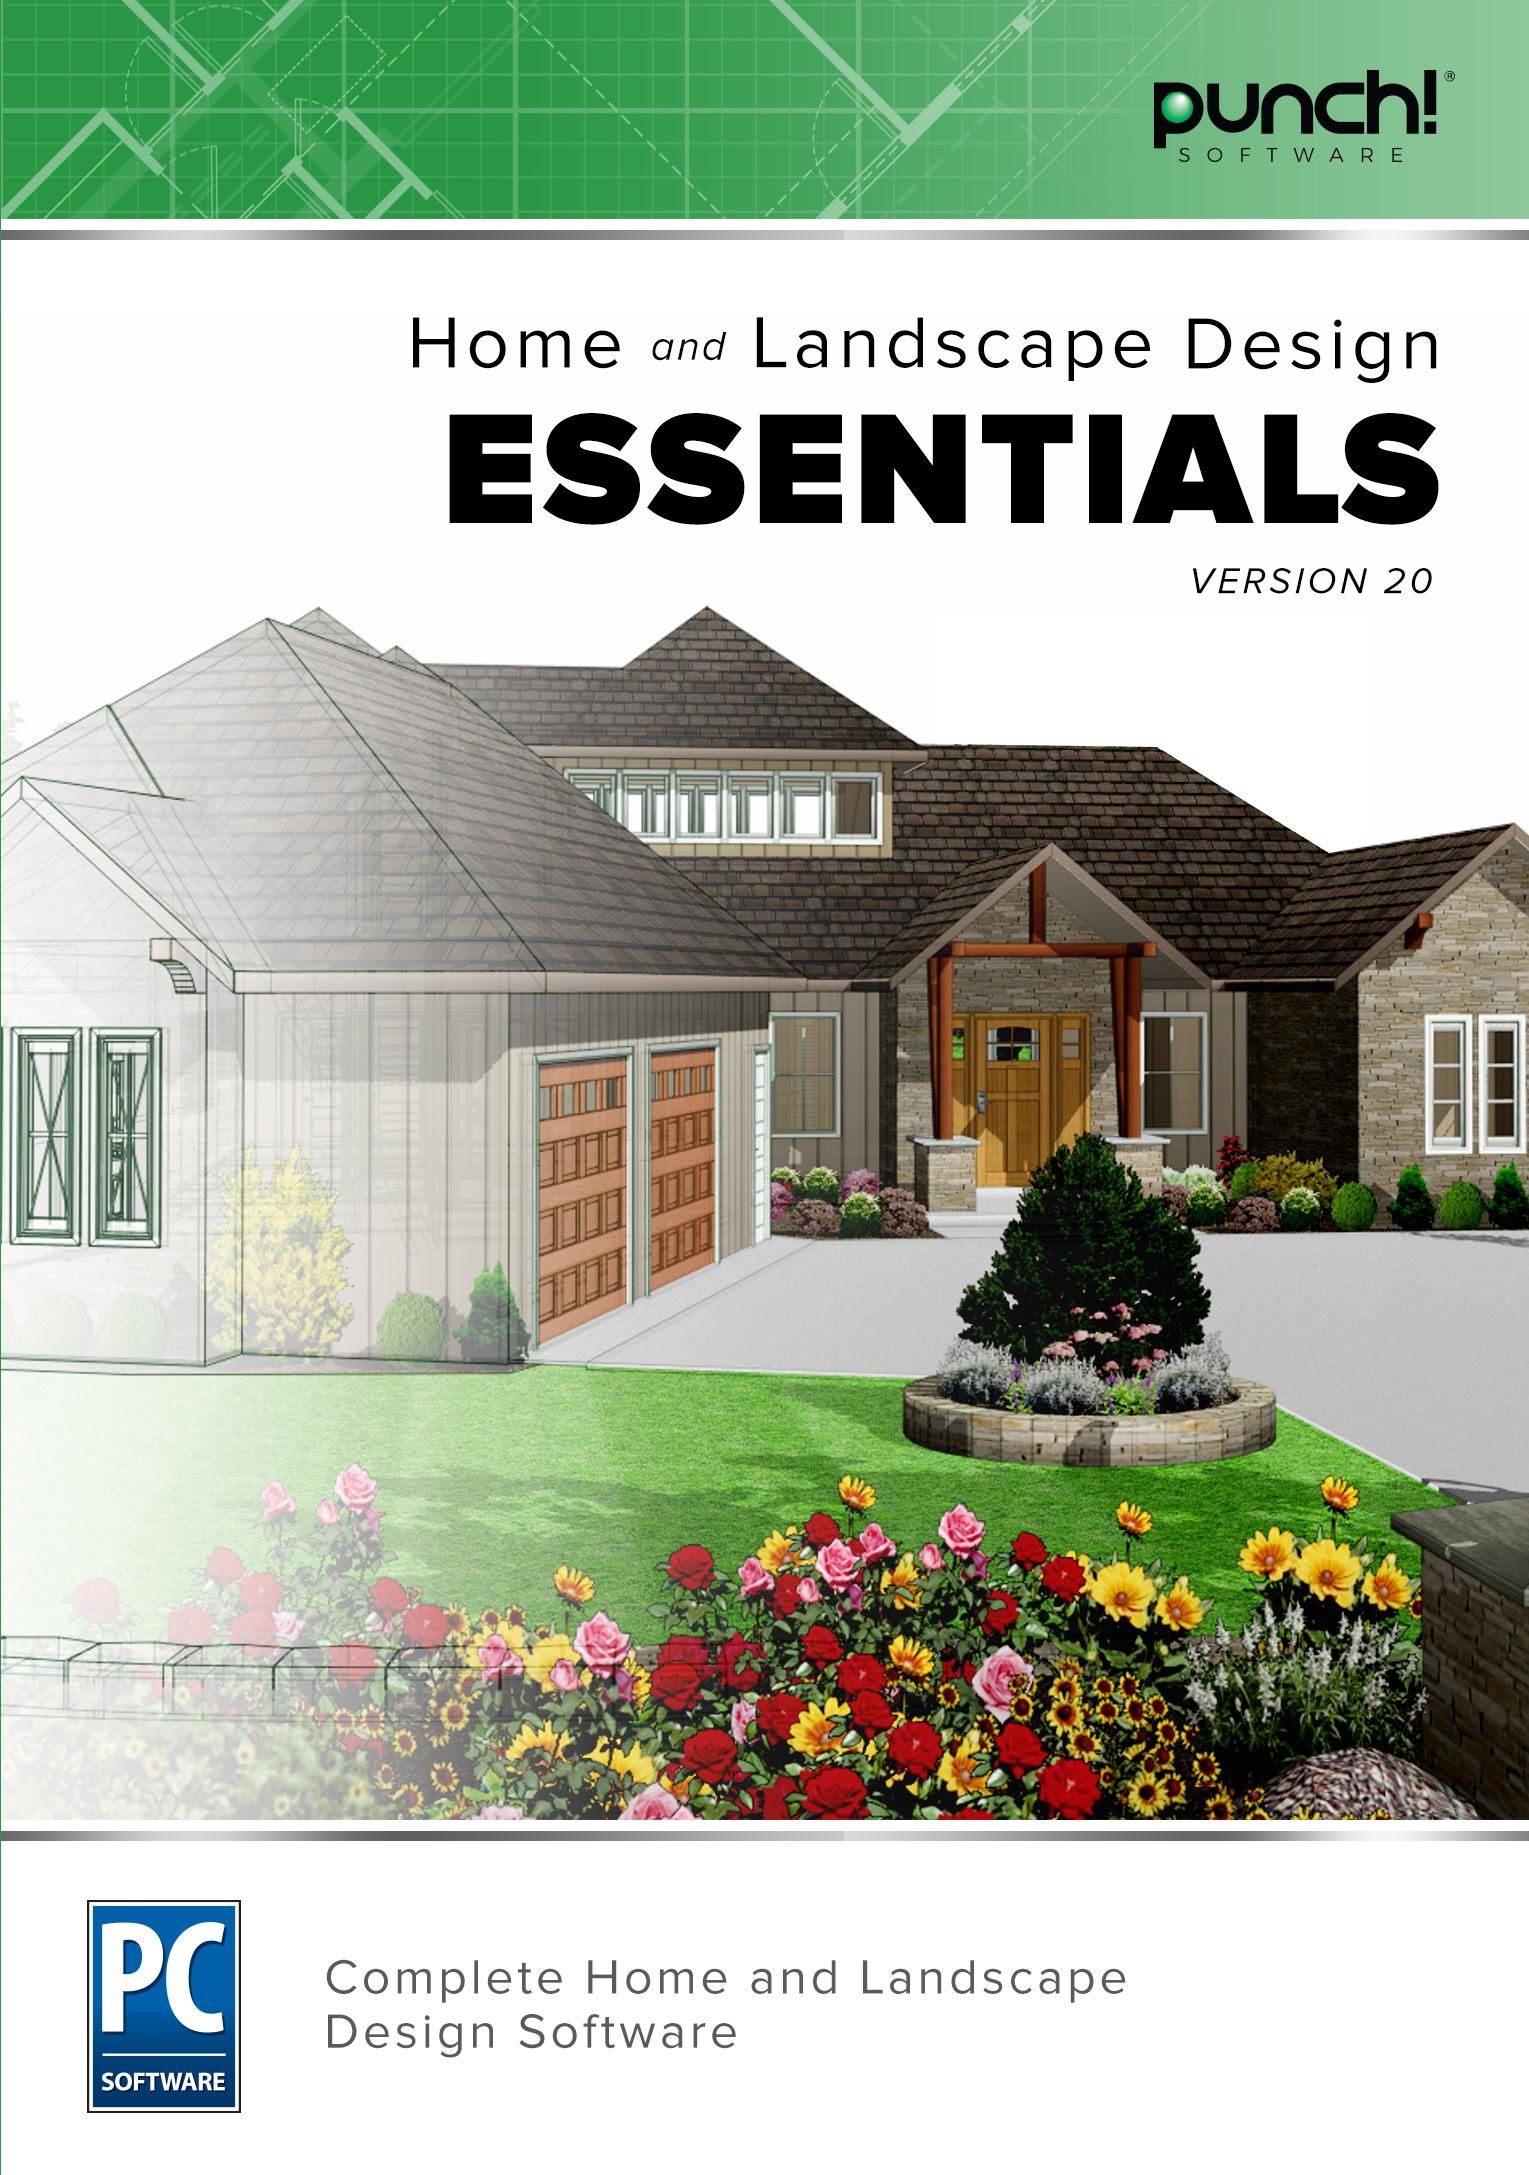 Punch! Home & Landscape Design Essentials V20